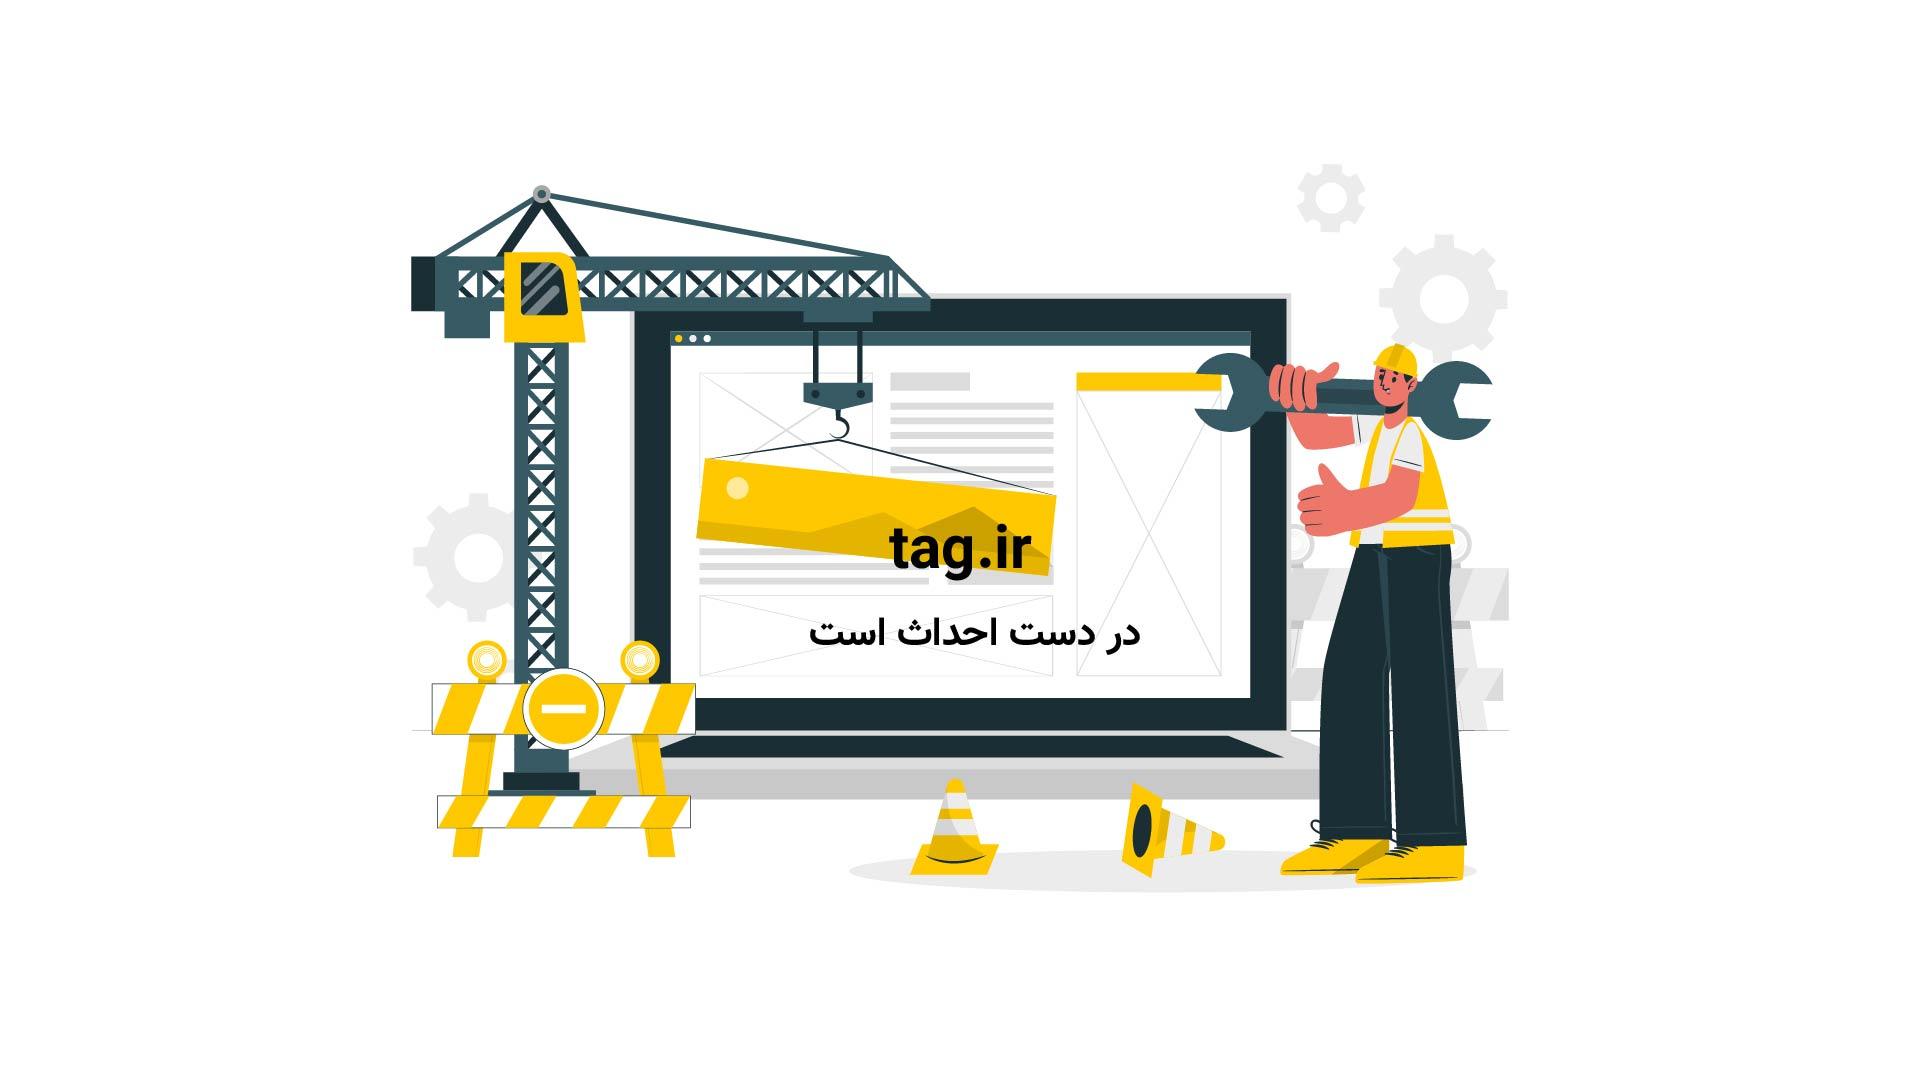 سخنان رئیس جمهور در دیدار با بازیکنان و کادر فنی تیم ملی فوتبال | فیلم